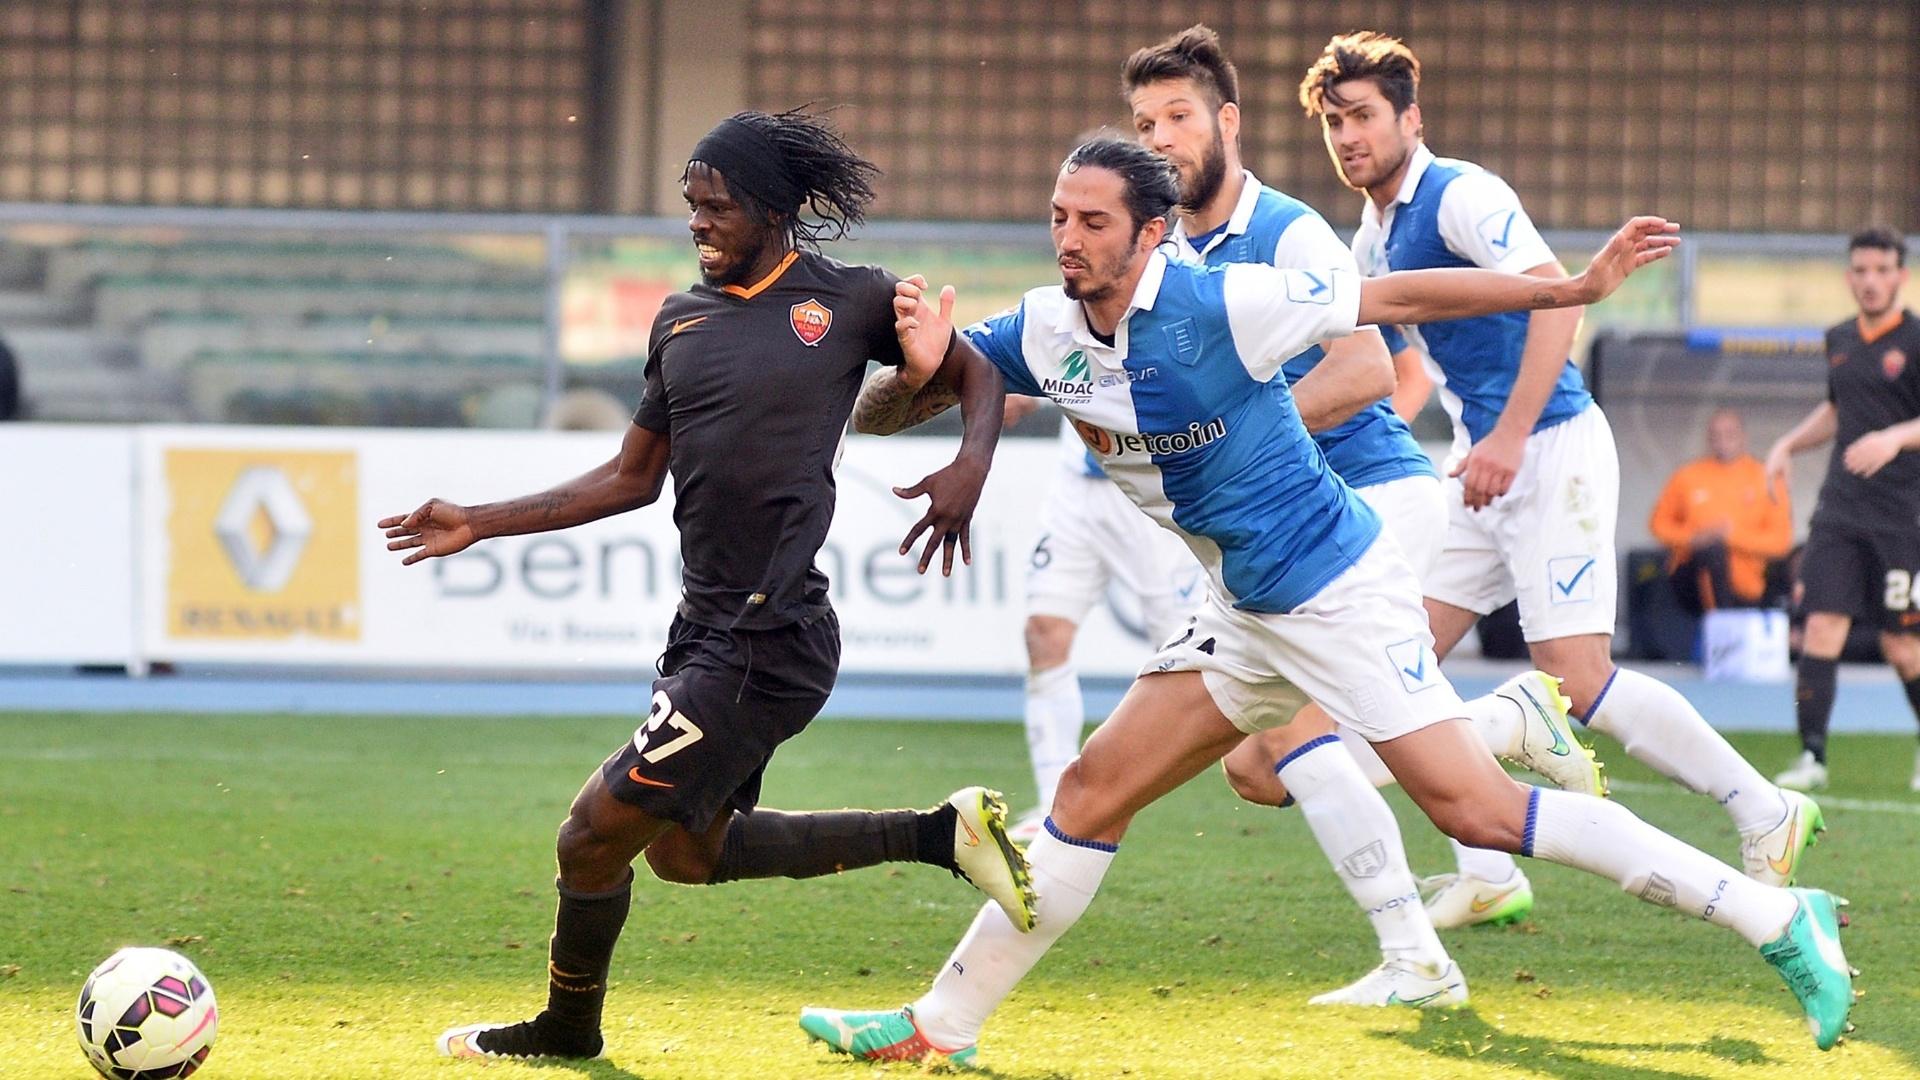 Gervinho, da Roma, carrega a bola pressionado por jogadores do Chievo, em jogo do Campeonato Italiano